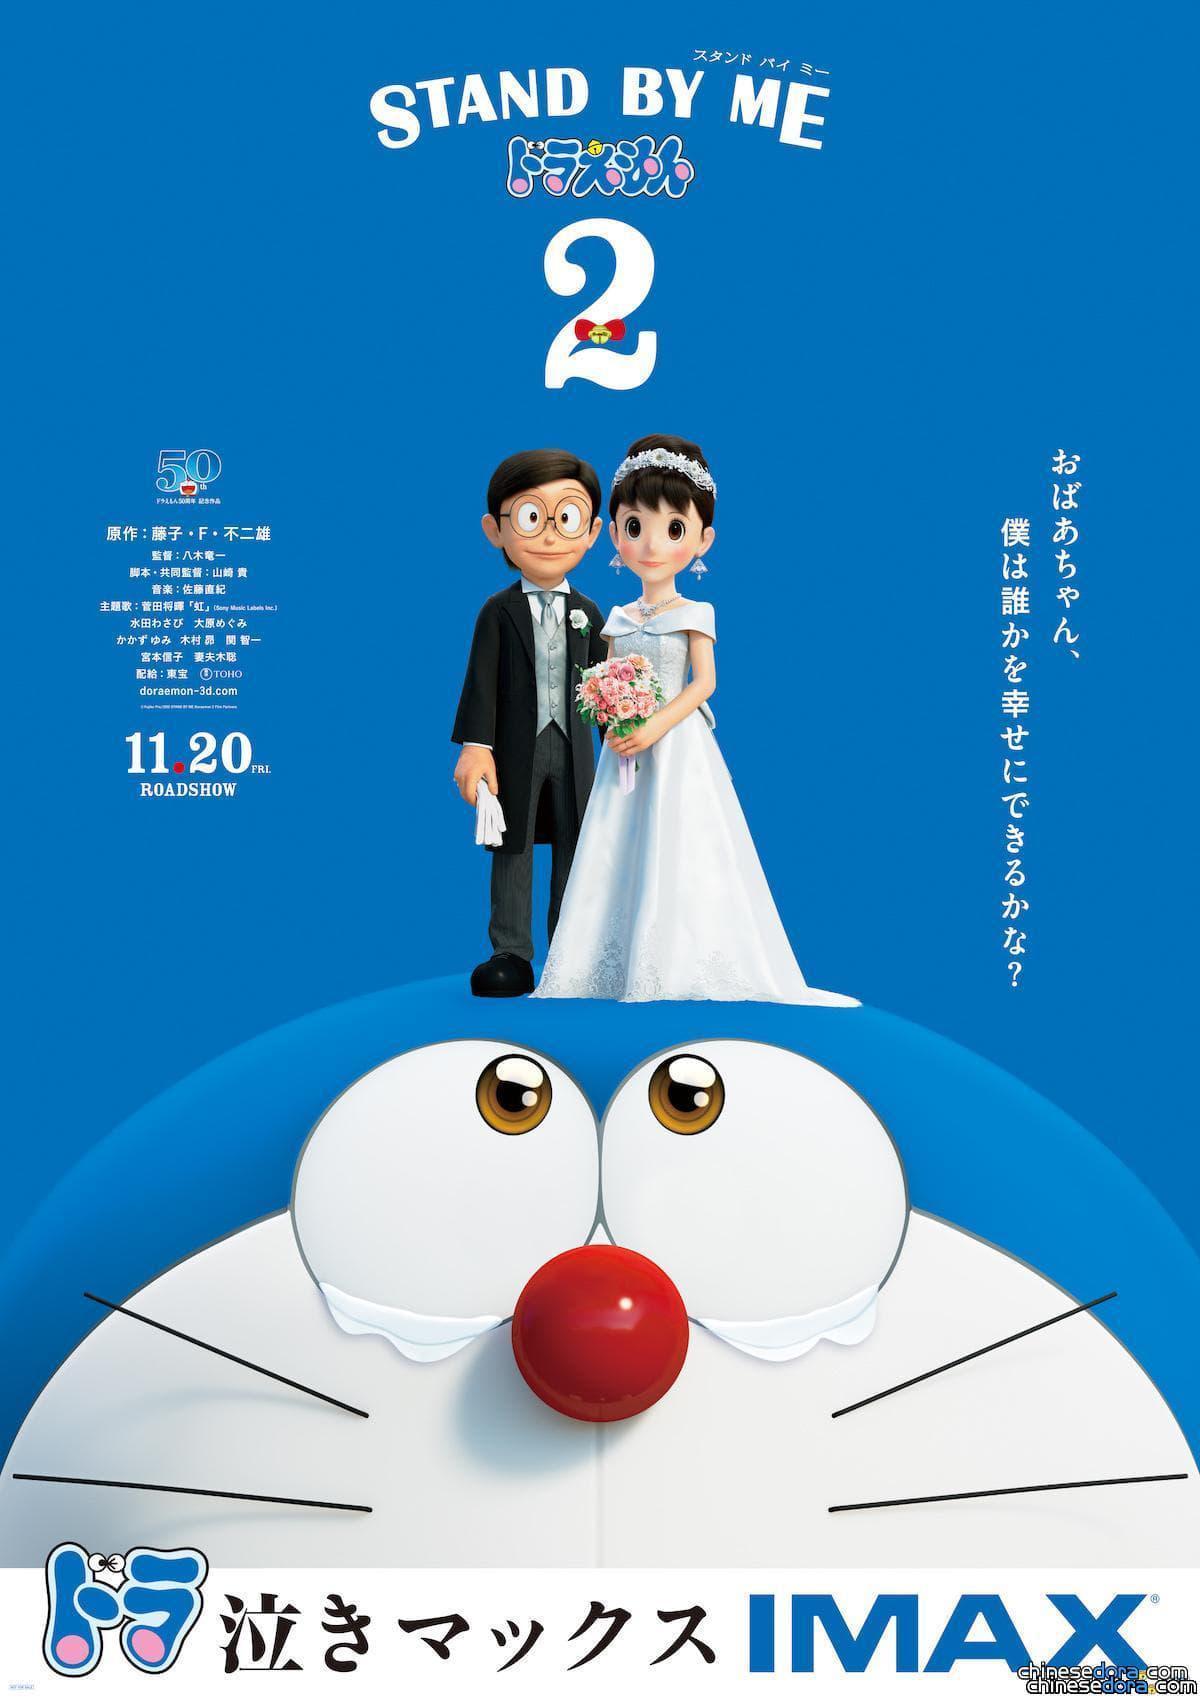 【獨家揭密】《STAND BY ME 哆啦A夢 2》上映日期原訂「11月27日」?兩大巧合成不解之謎